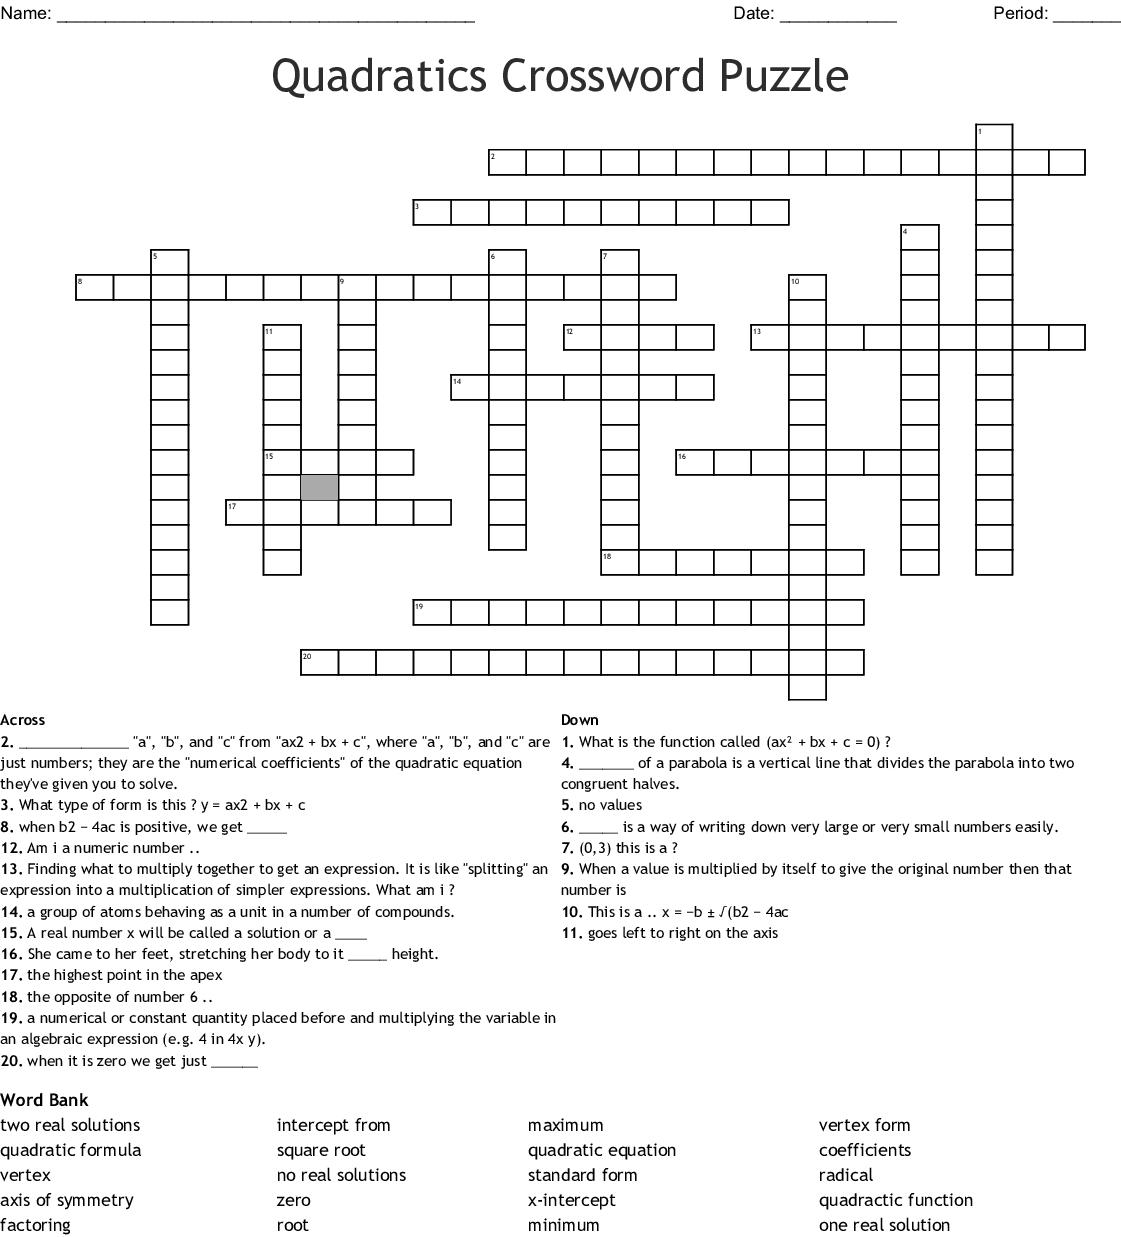 Quadratics Crossword Puzzle Crossword